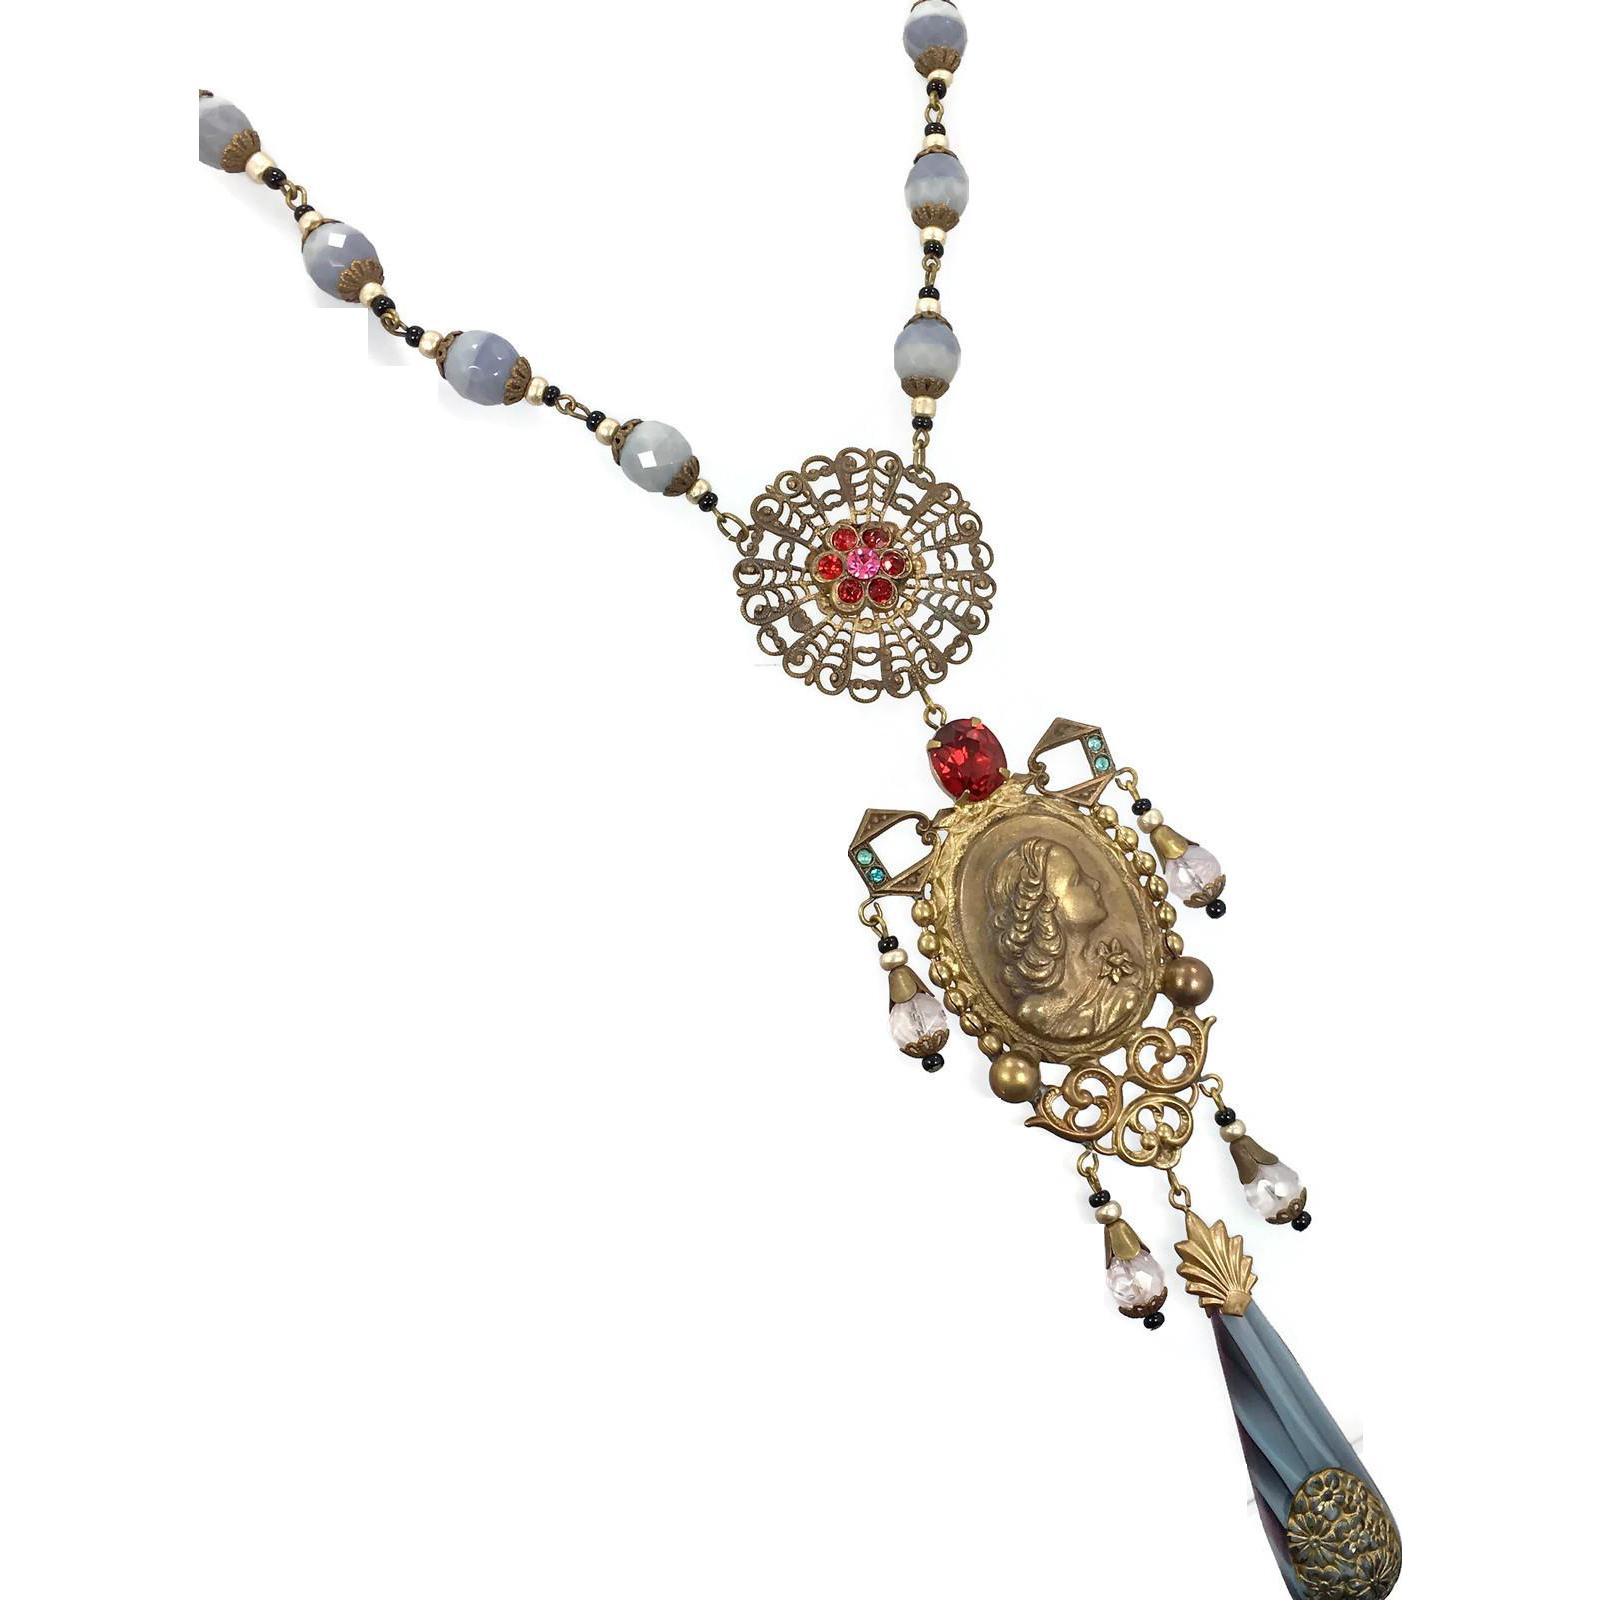 Art Nouveau Necklace, Cameo Necklace, Vintage, Czech Glass, Goddess Necklace, 1920s, 1930s, Brass, Ornate, Red, Gray, NOS, Rhinestone